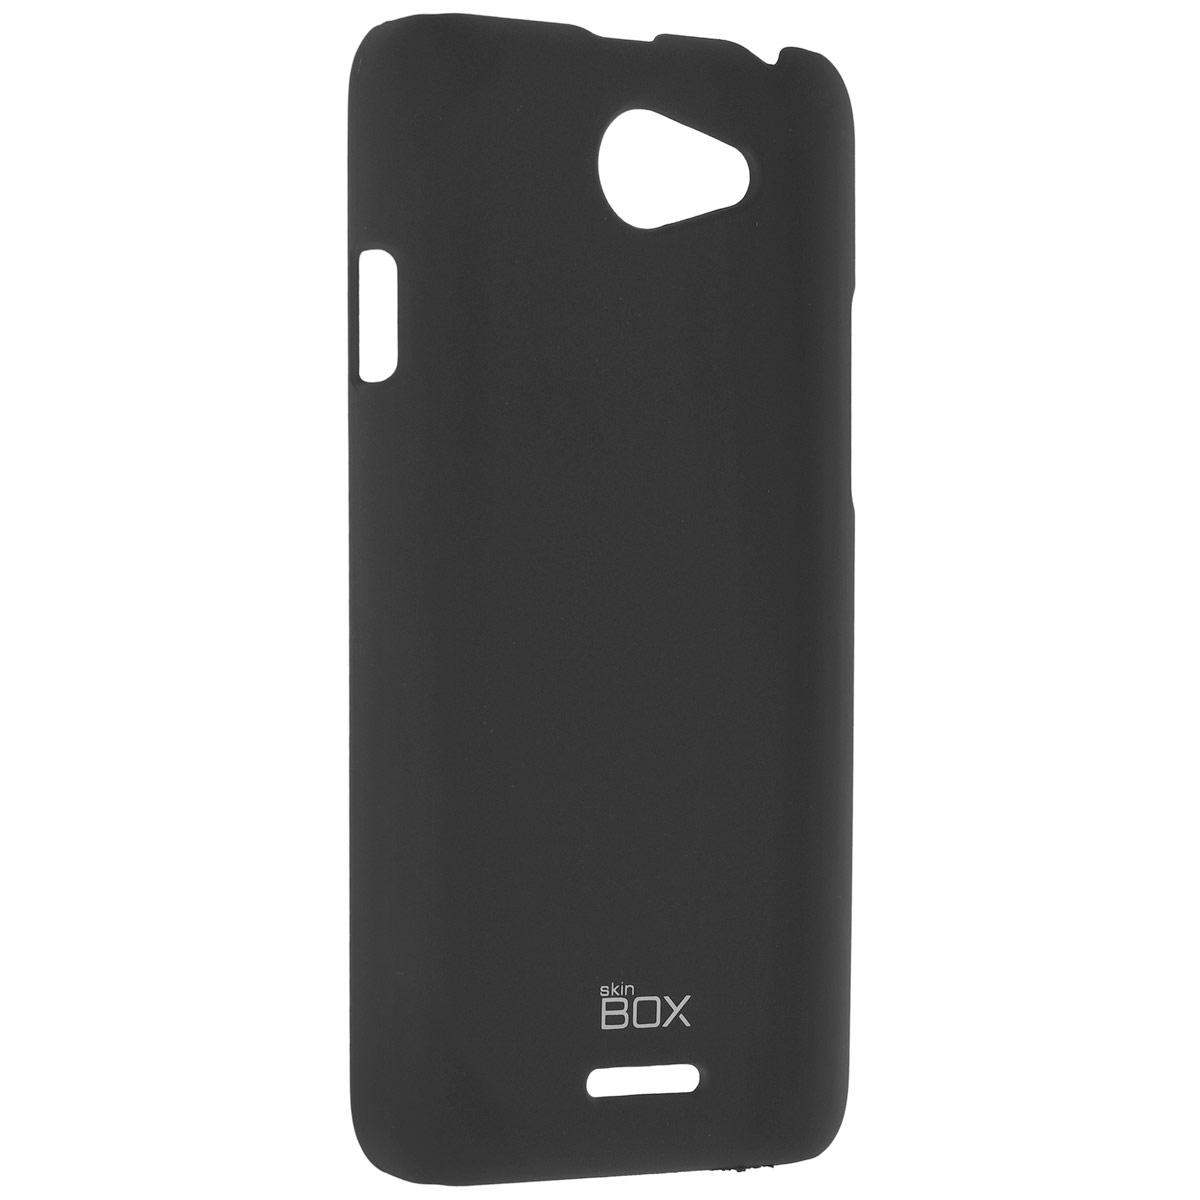 Skinbox Shield 4People чехол для HTC Desire 820, BlackT-S-HD820-002Чехол Skinbox Shield 4People для HTC Desire 820 предназначен для защиты корпуса смартфона от механических повреждений и царапин в процессе эксплуатации. Имеется свободный доступ ко всем разъемам и кнопкам устройства. В комплект также входит защитная пленка на экран телефона.